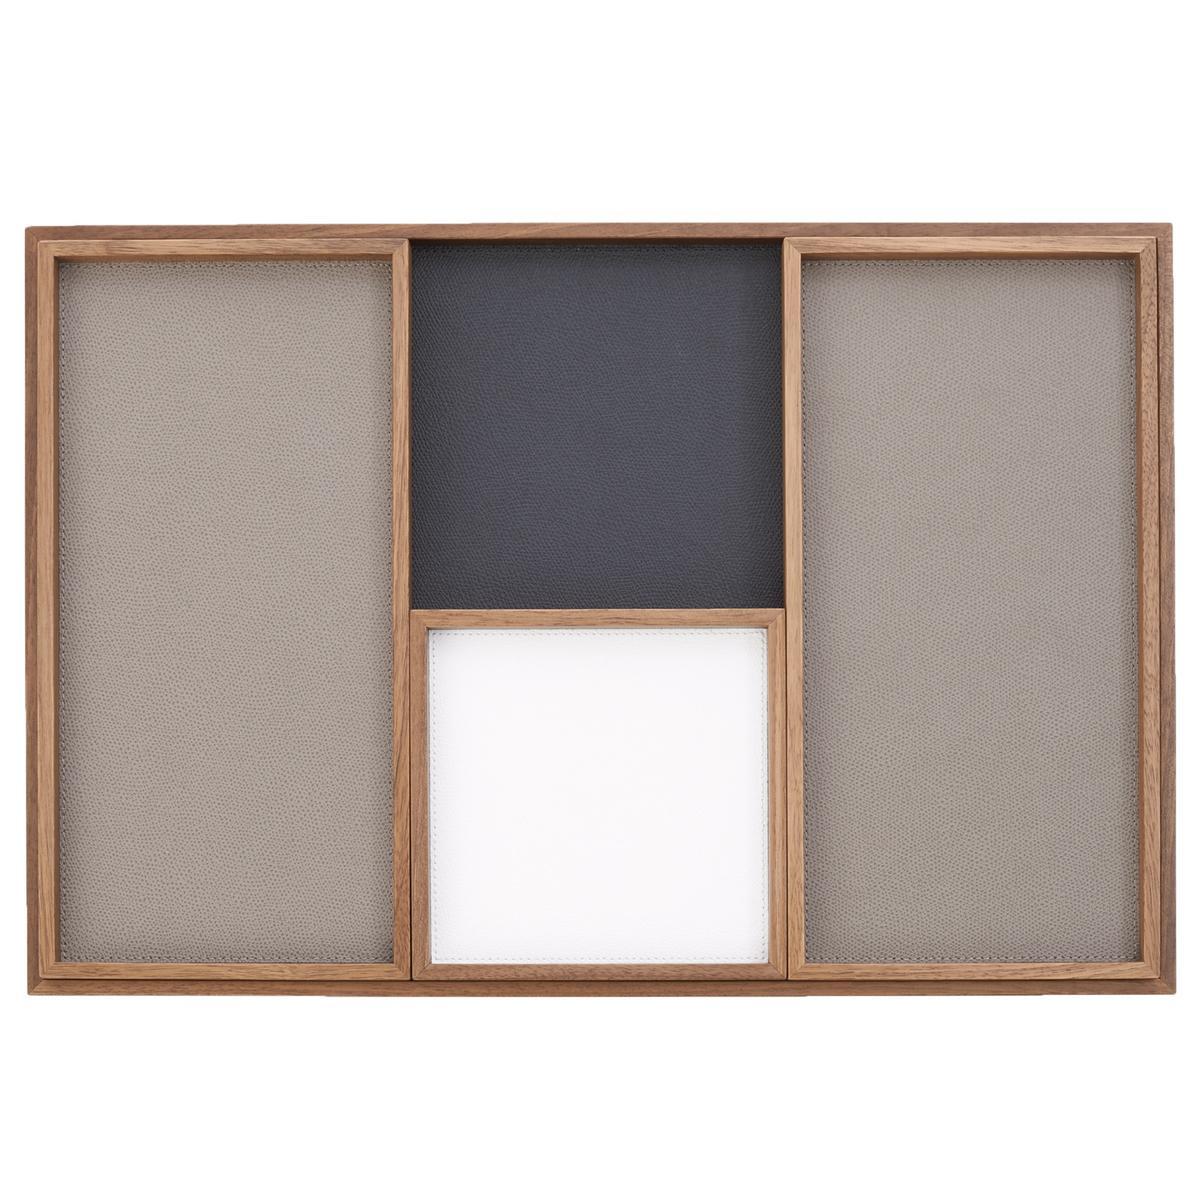 GioBagnara Phorma Rectangular trays